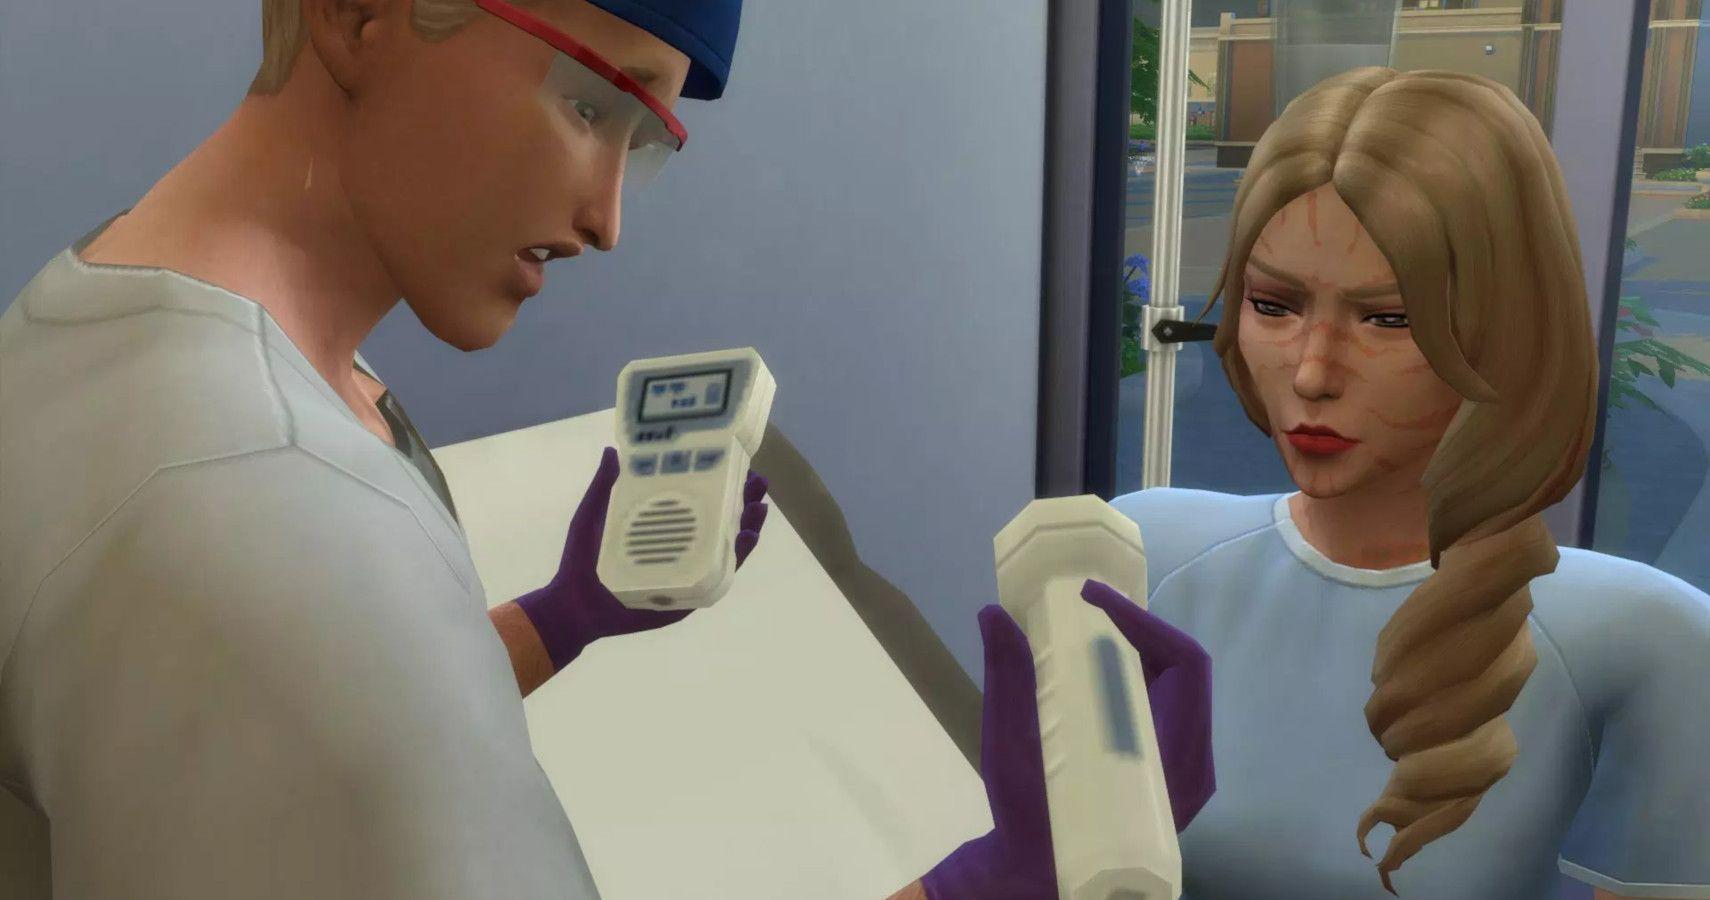 Sims 4: Doctor Career Illness List | TheGamer